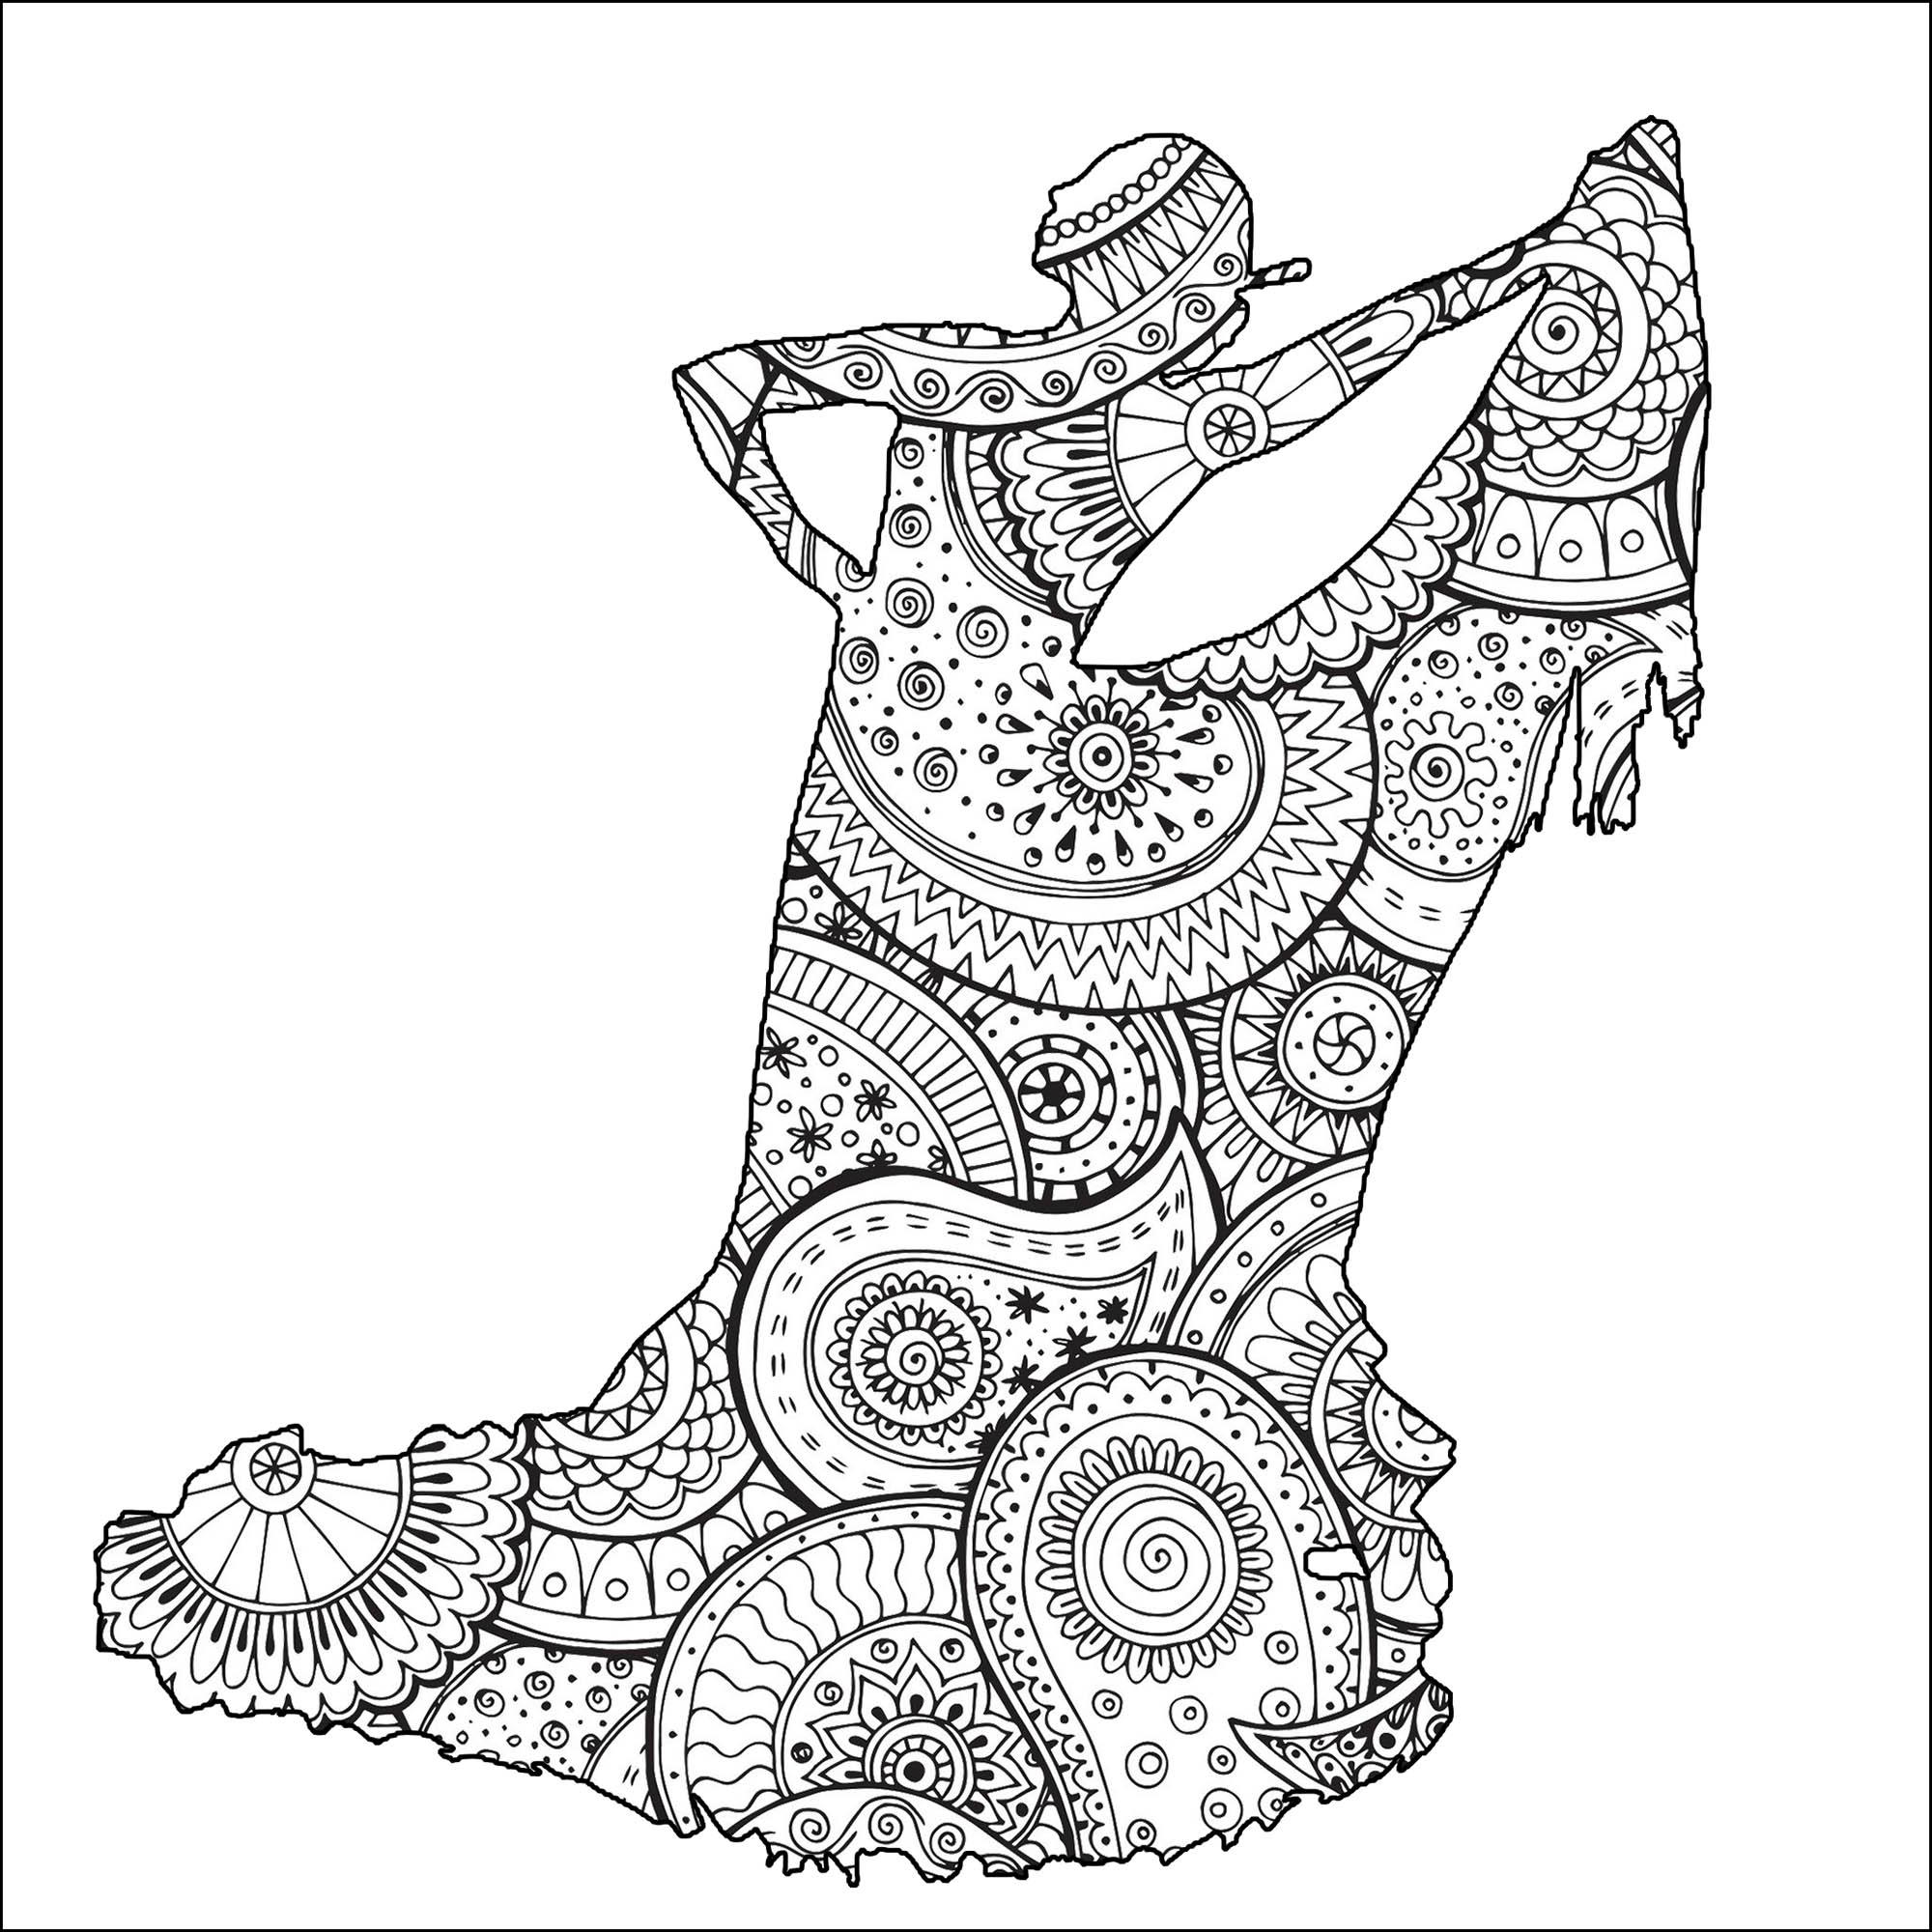 Magnifique Danseuse Flamenco avec motifs Zentangle et Paisley à colorier